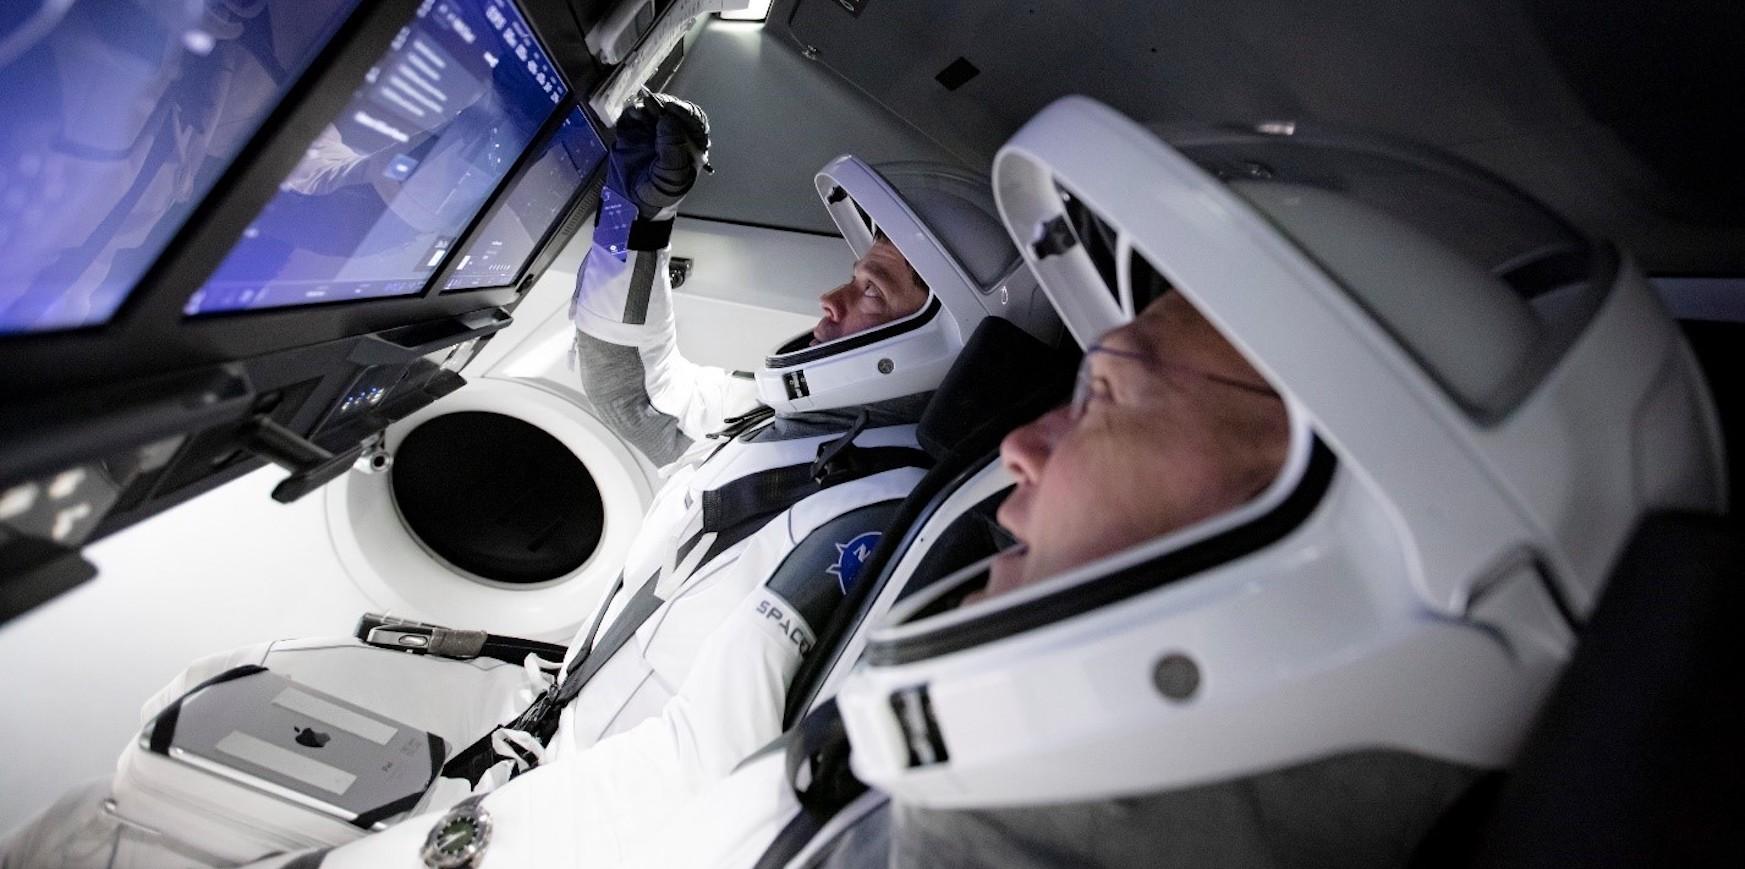 Crew Dragon misioaren hasiera.  Muskaren itsasontzia Europaren gainetik hegan egingo da gaur